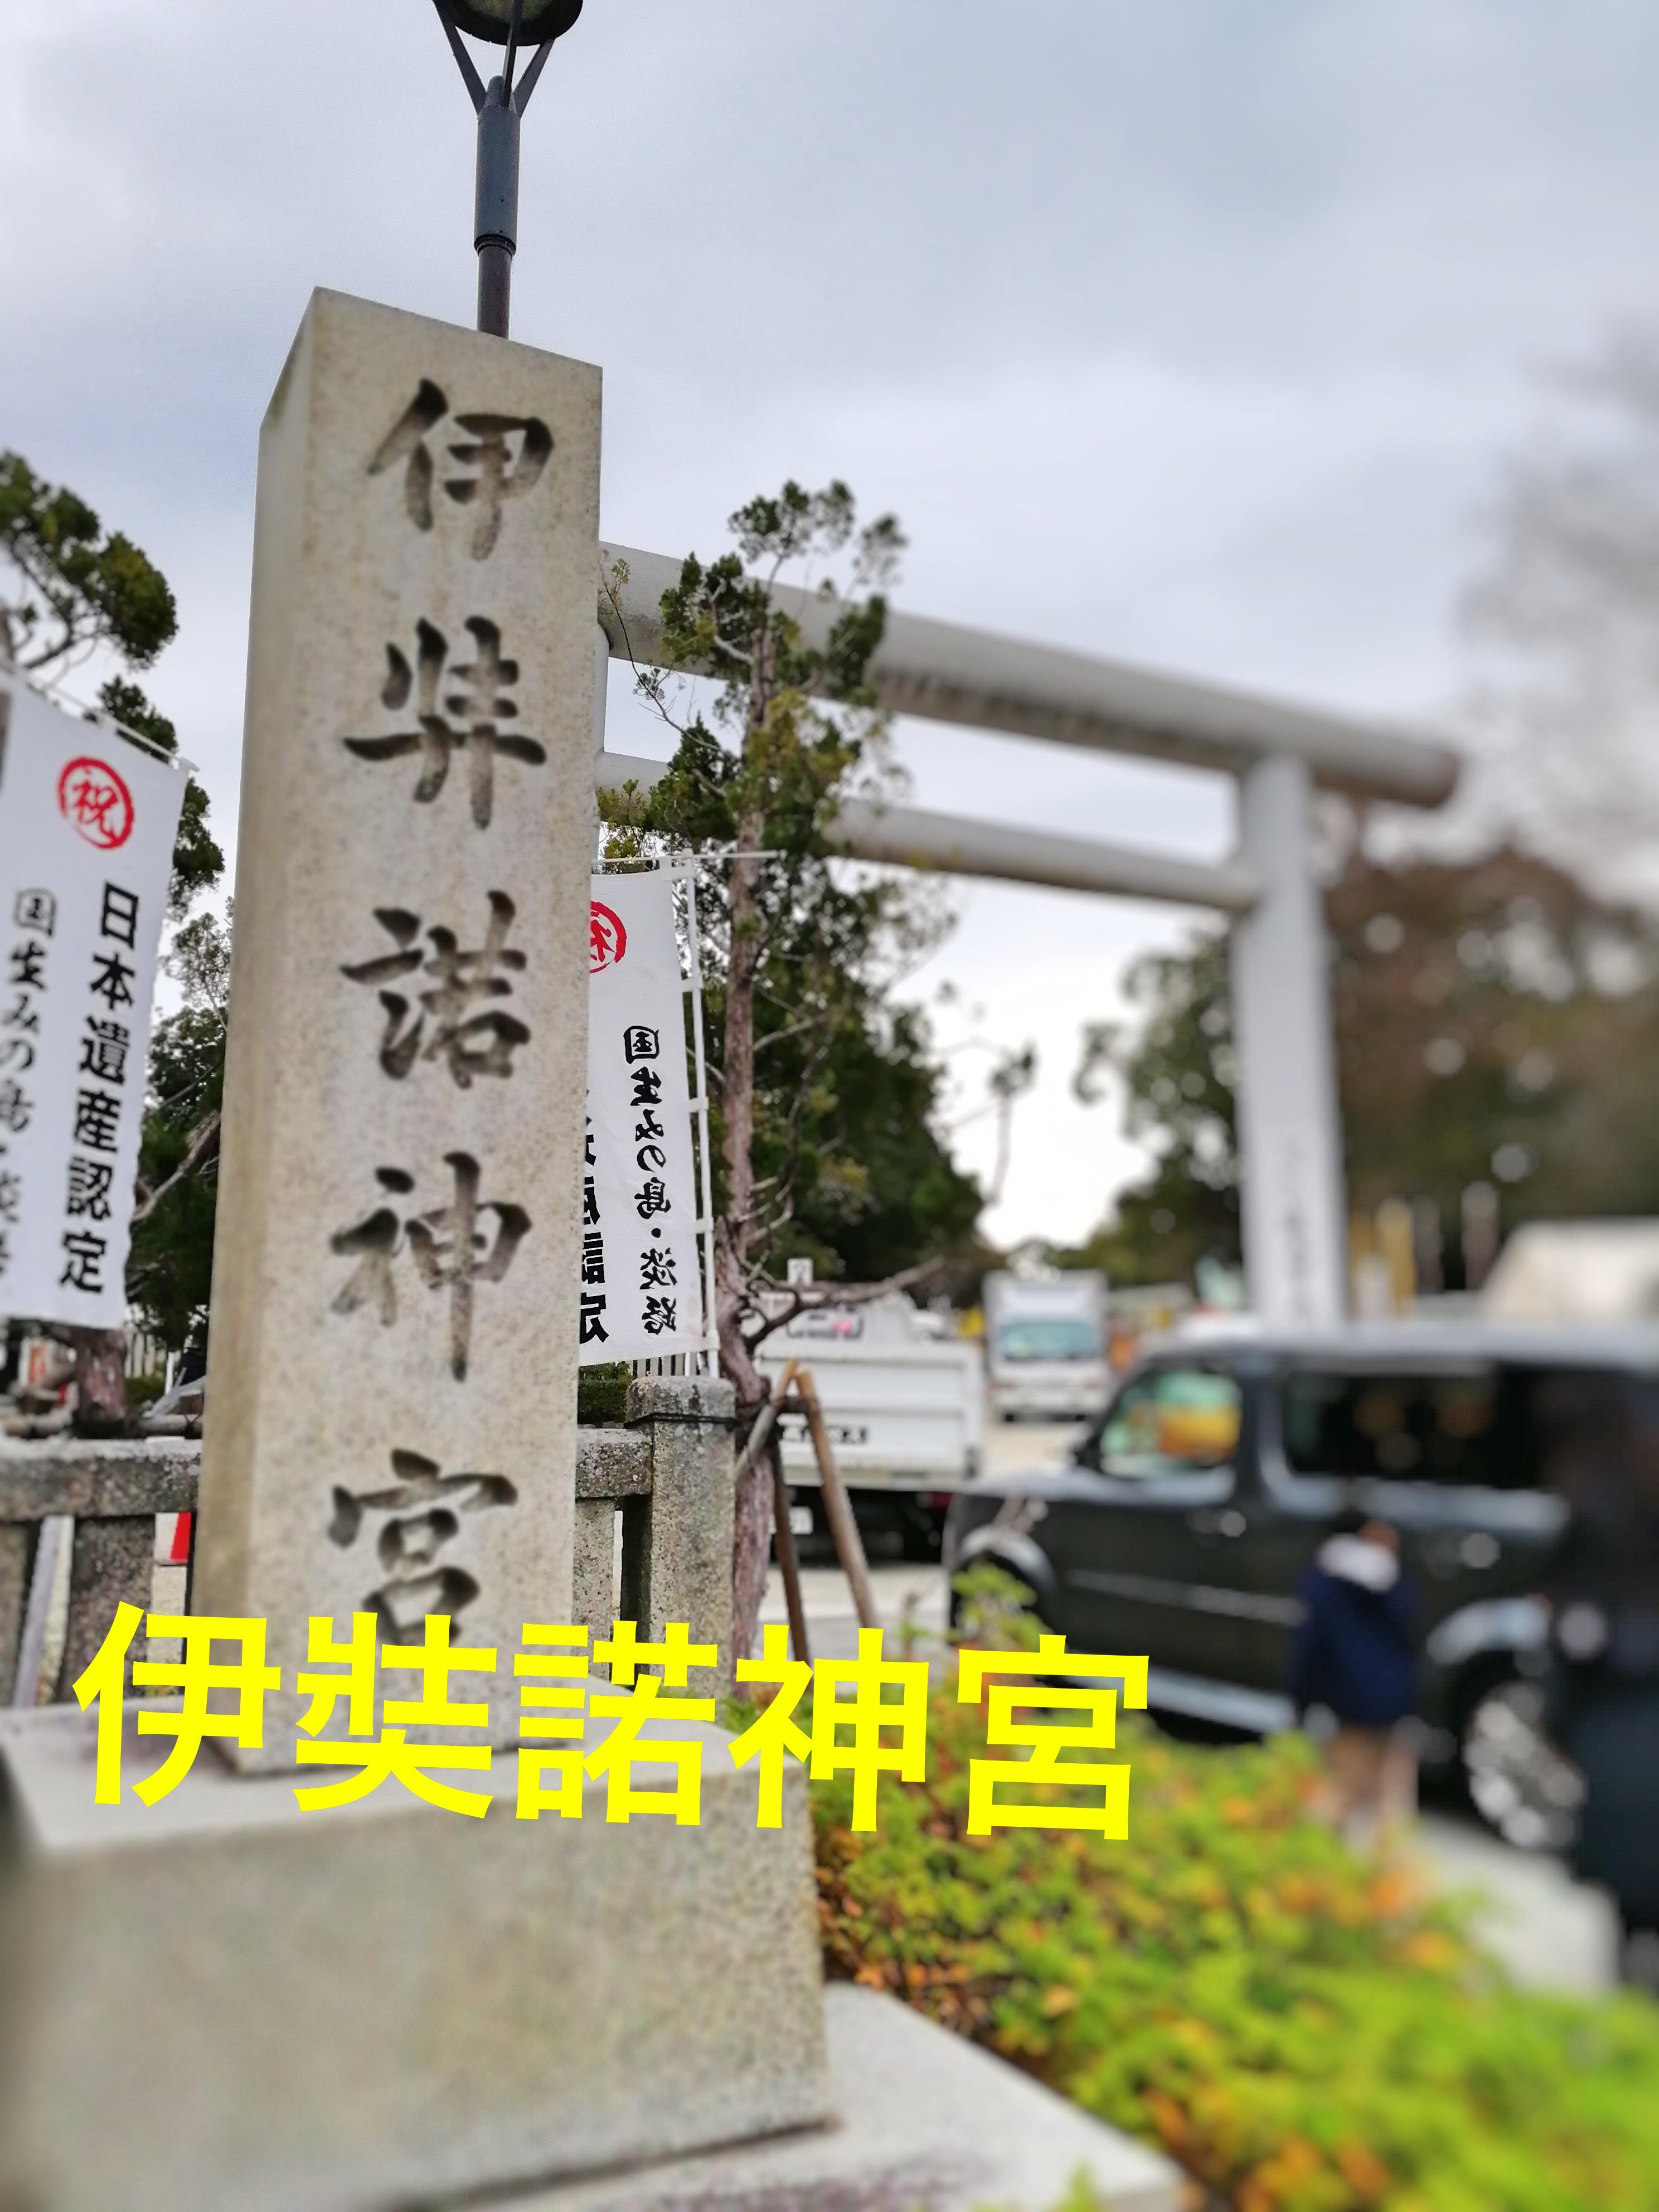 淡路島のパワースポットは日本最大のパワースポット!?伊奘諾神宮についてご紹介